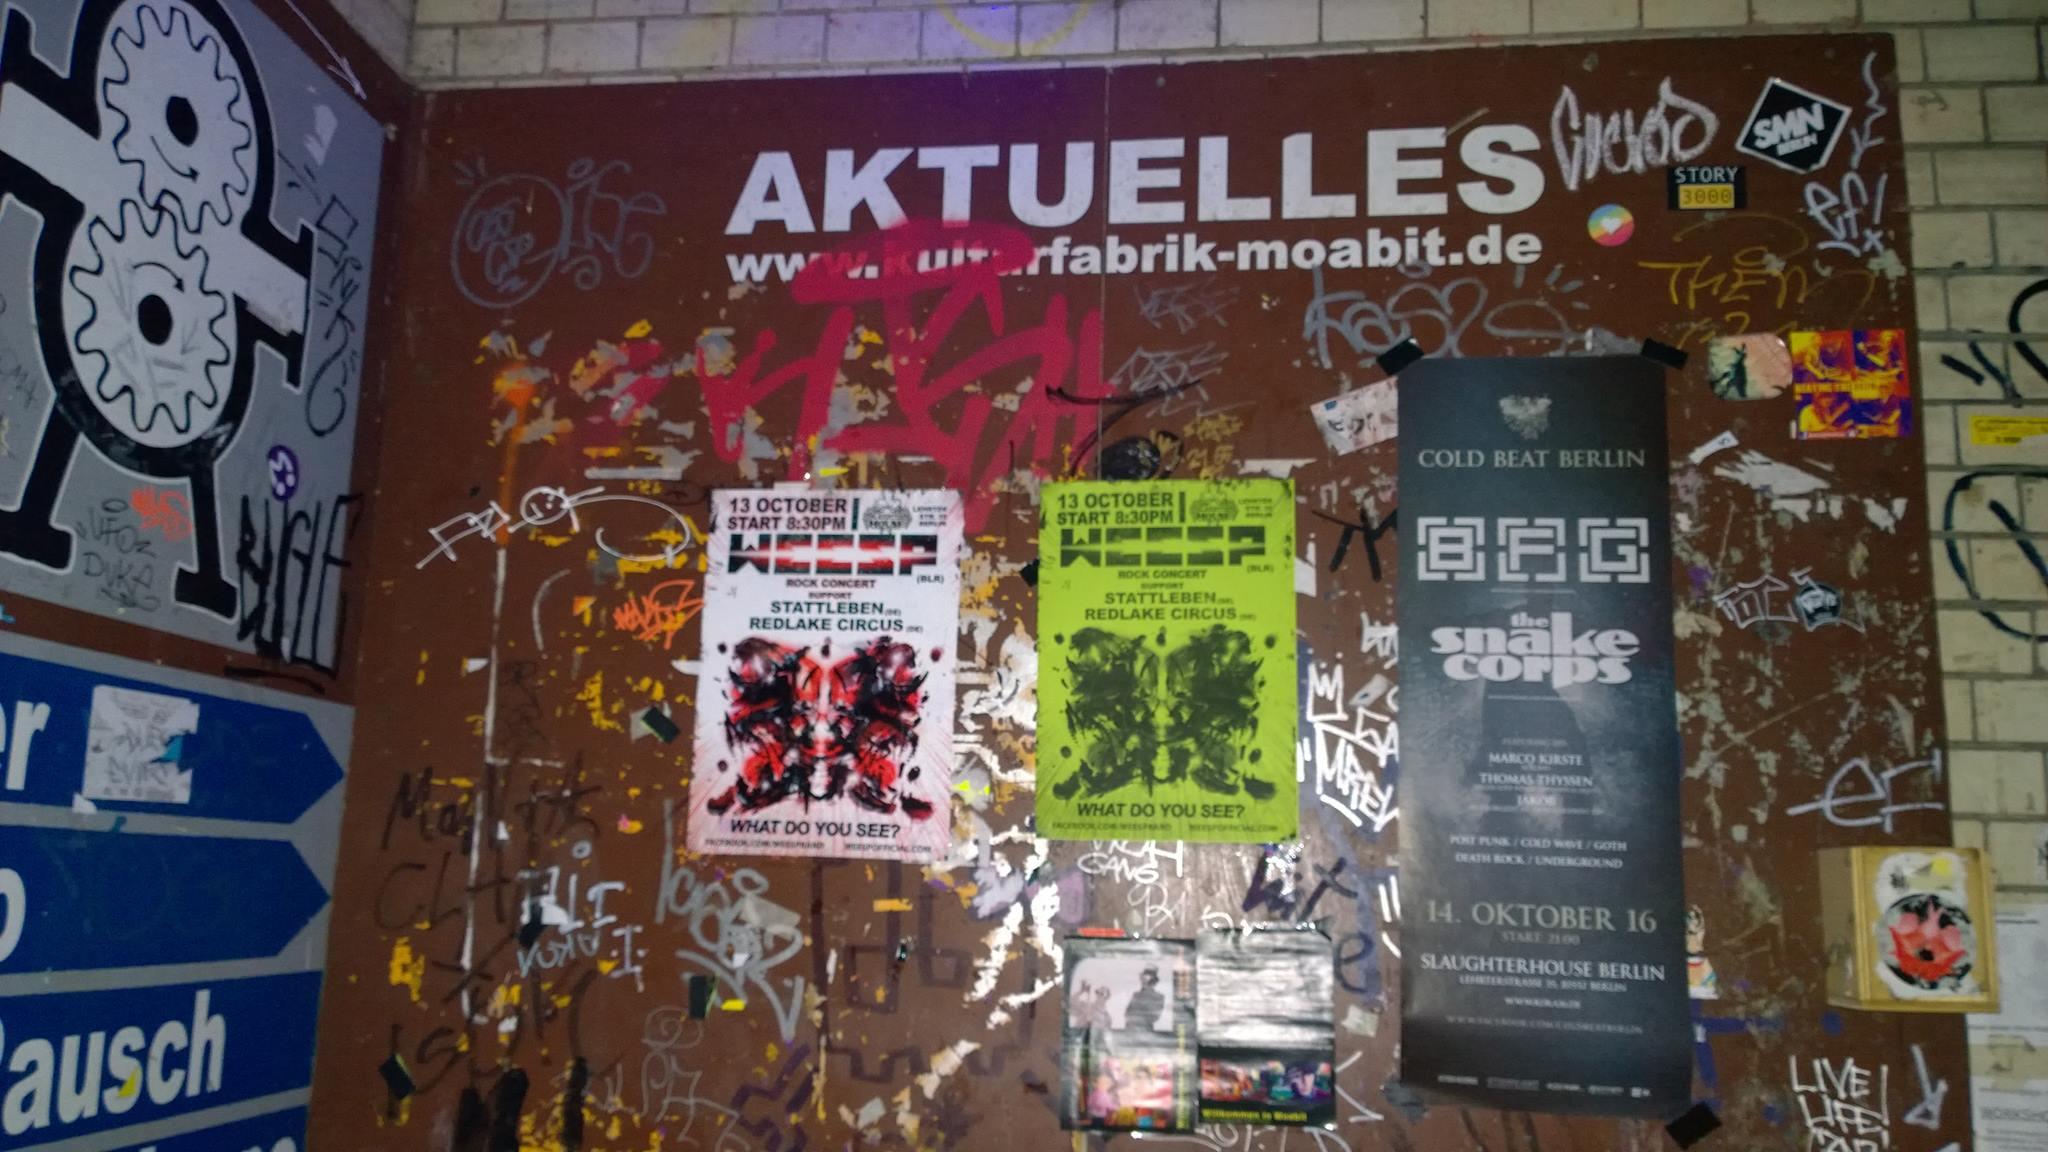 BFG REFORM FOR BERLIN CONCERT